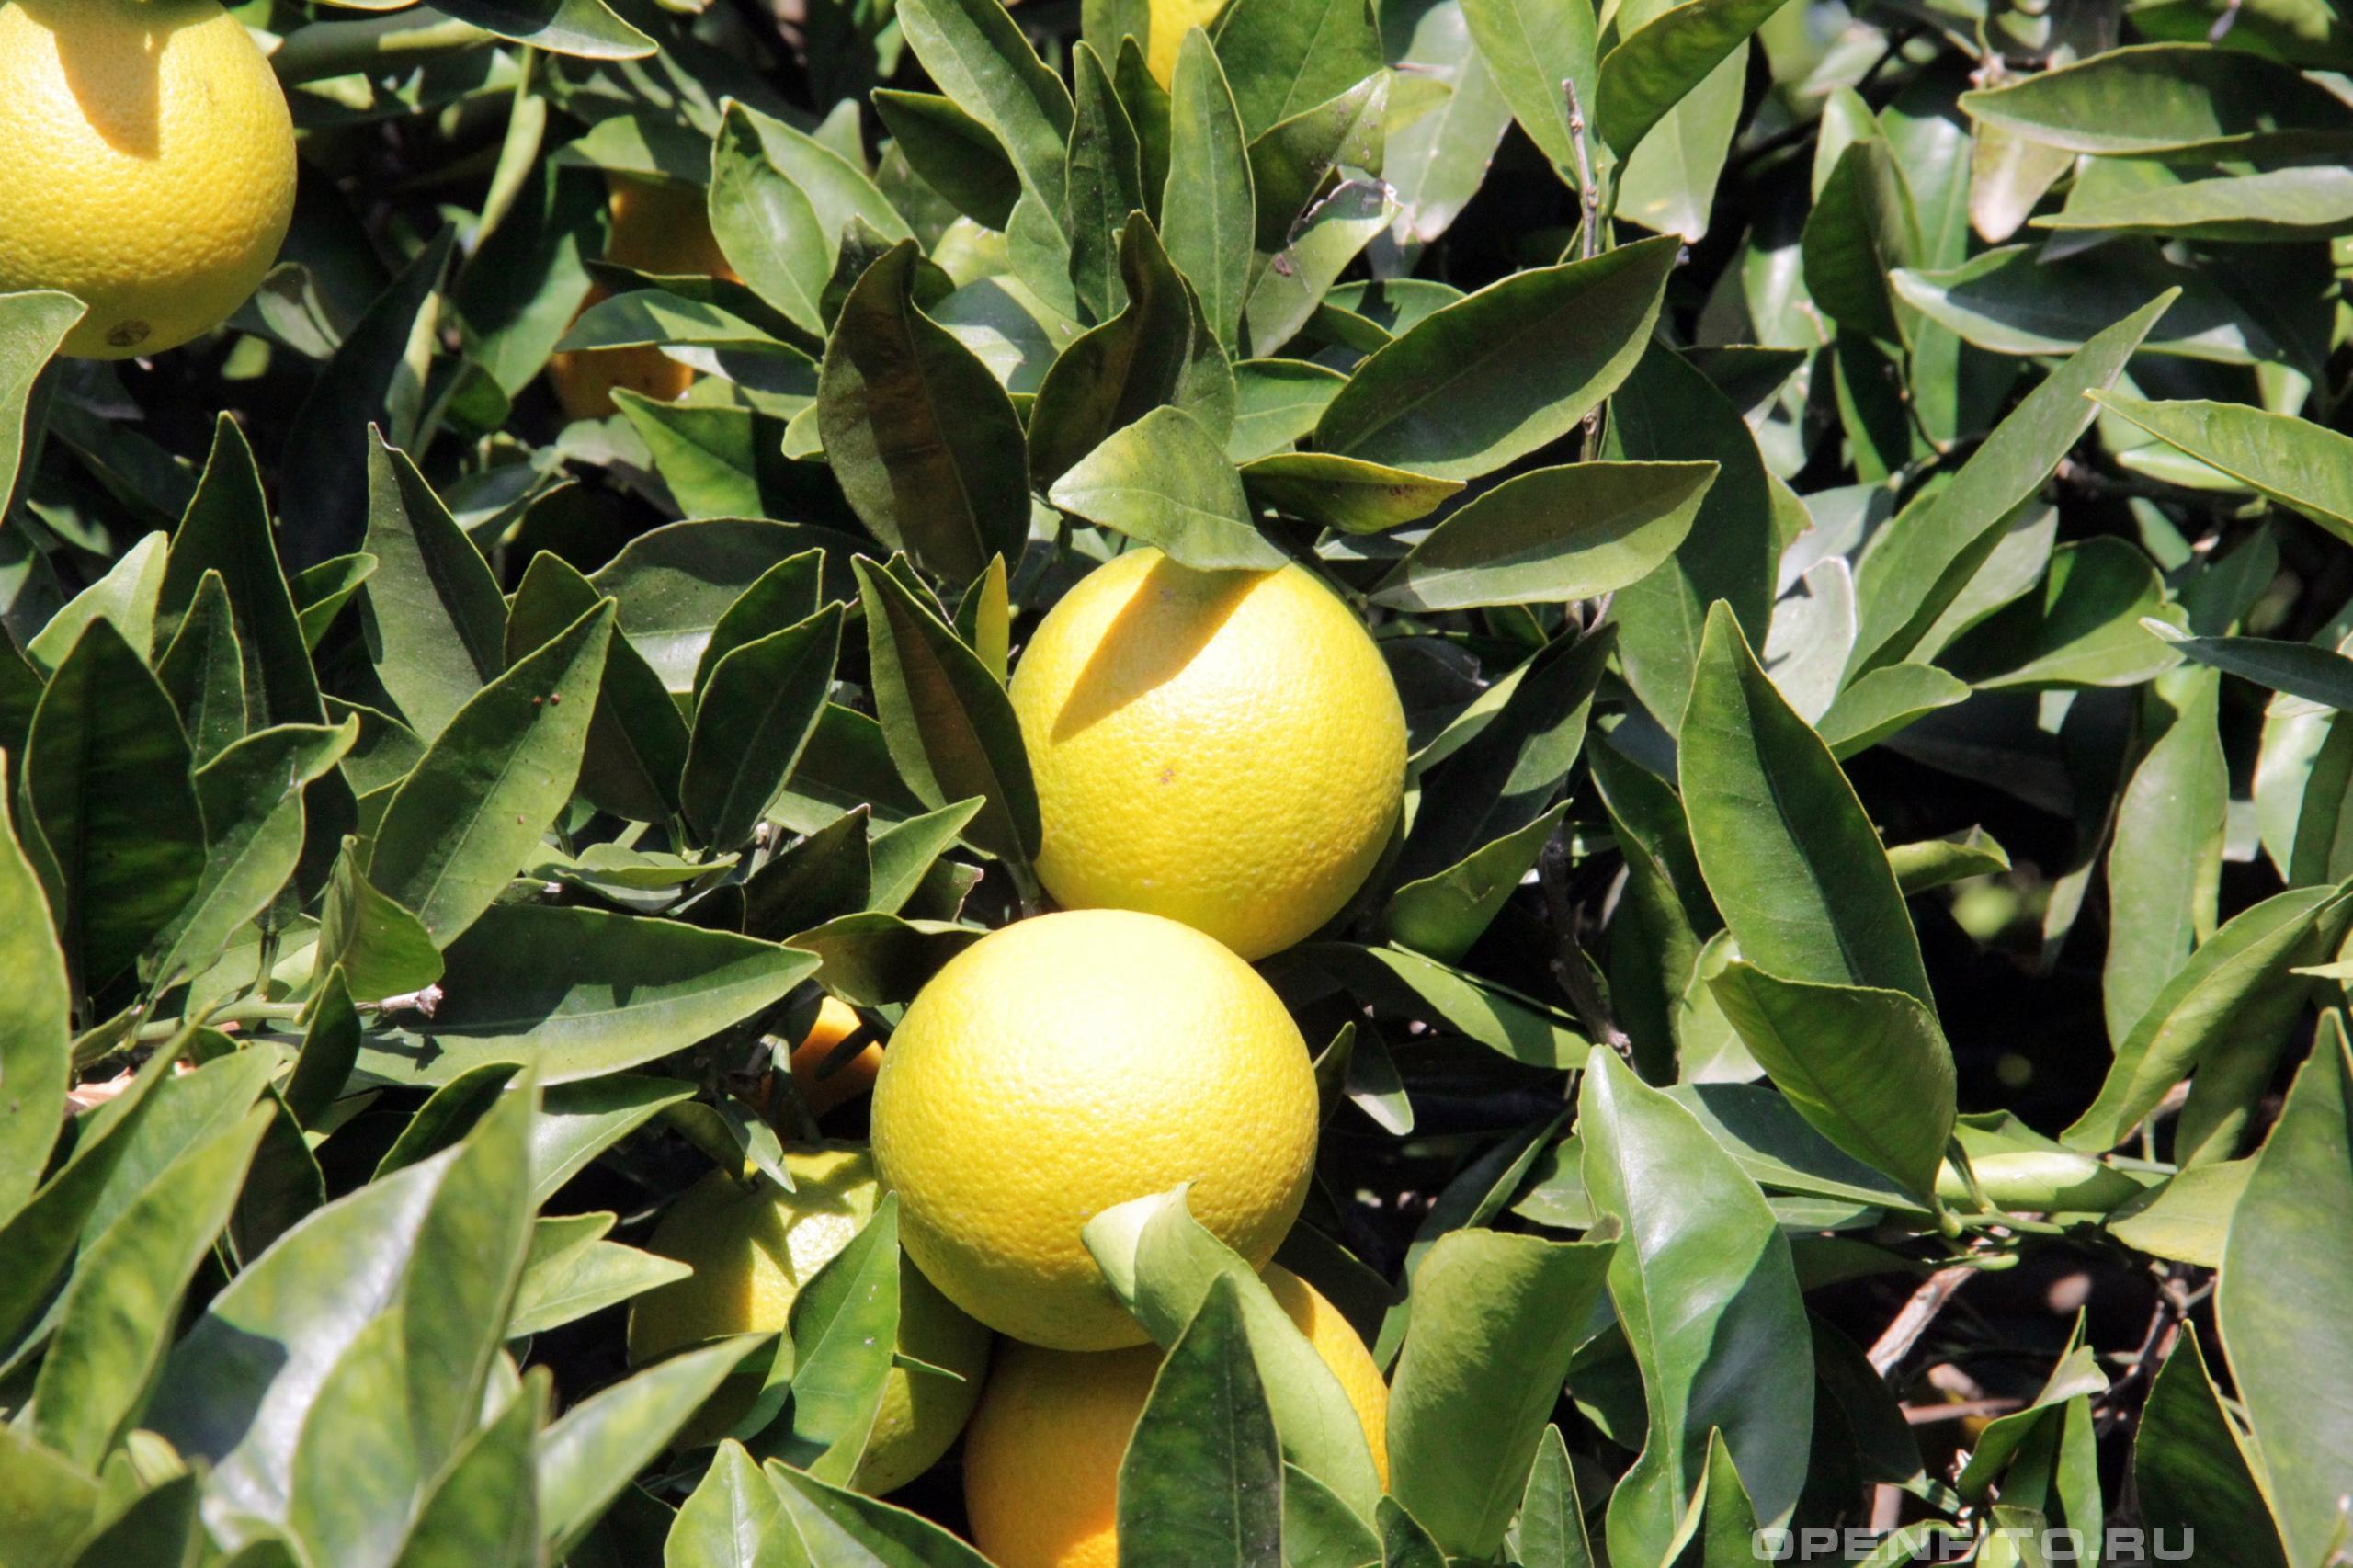 Апельсин сладкий листья и плоды